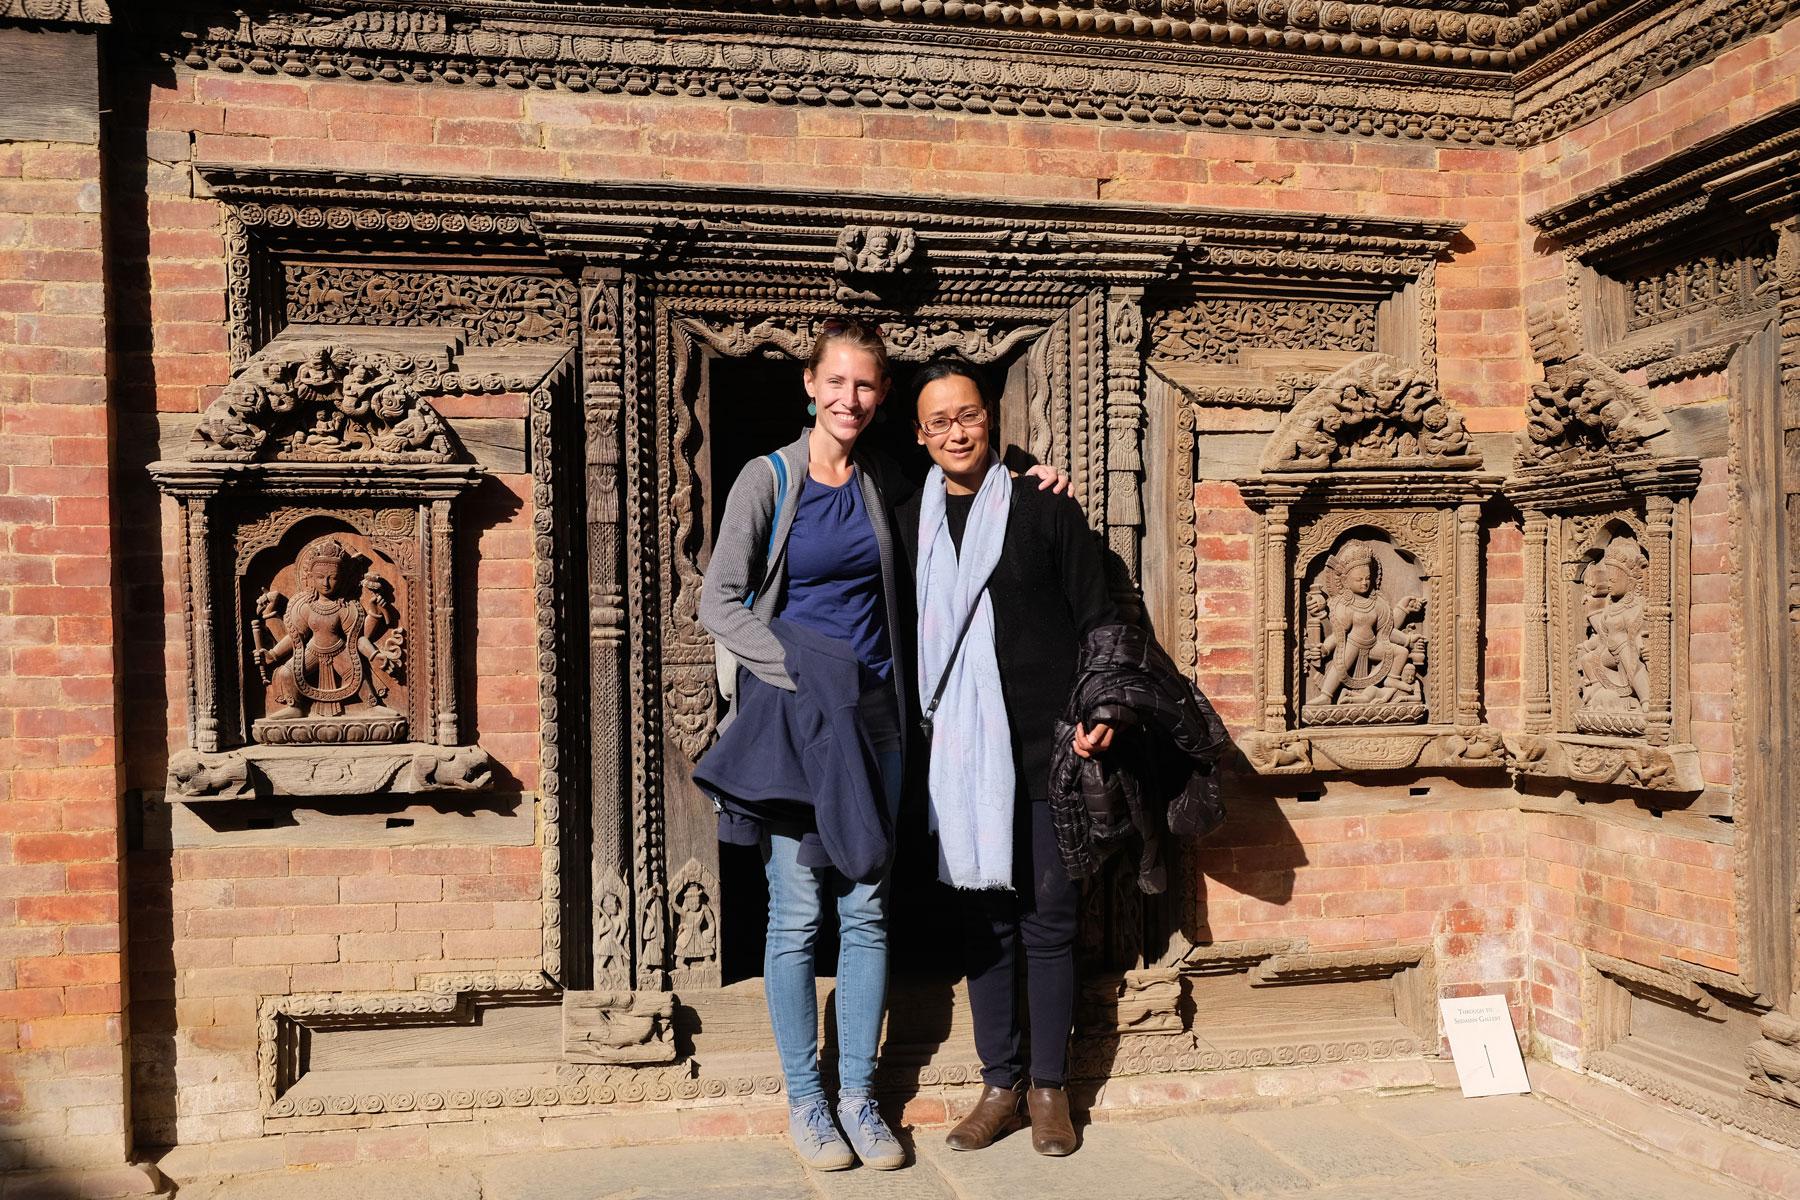 Leo mit einer Nepalesin vor einem Tempel am Durbar Square in Kathmandu.